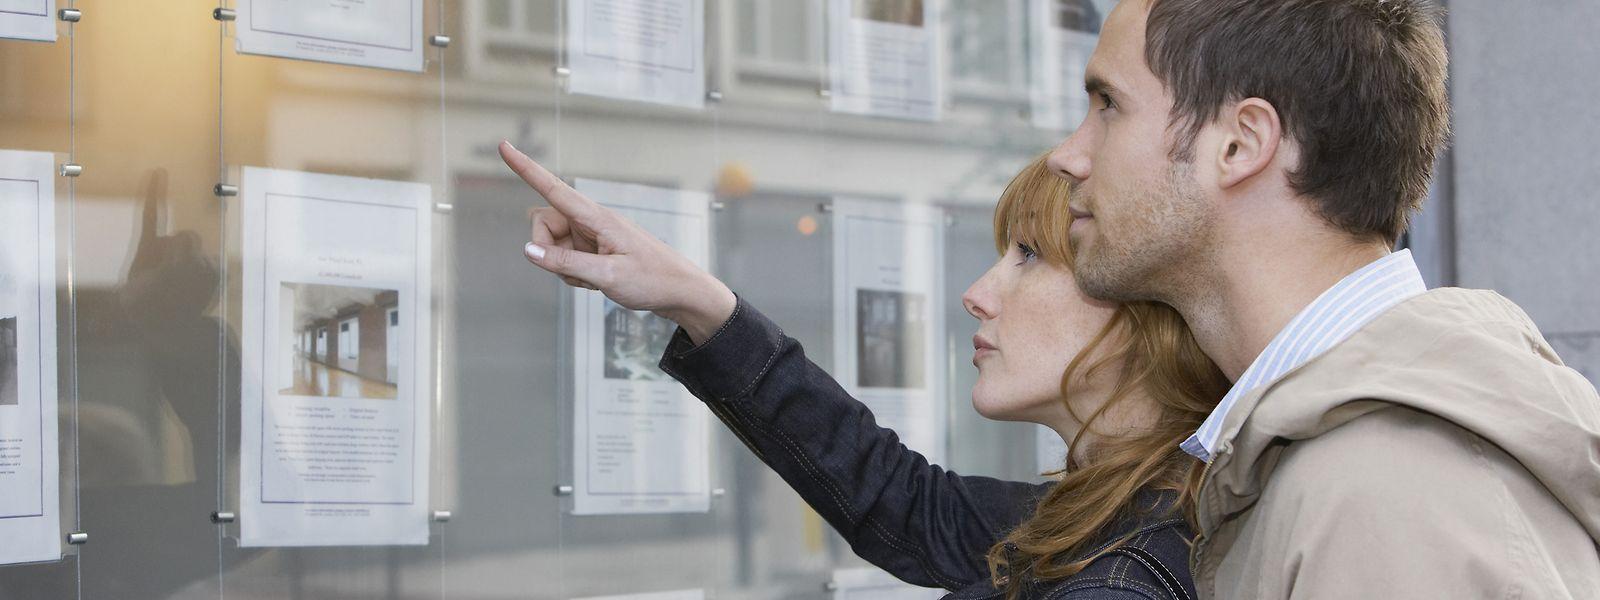 Makler wie Eigentümer setzen auf Sicherheit: Paare sind daher besonders gern gesehen.